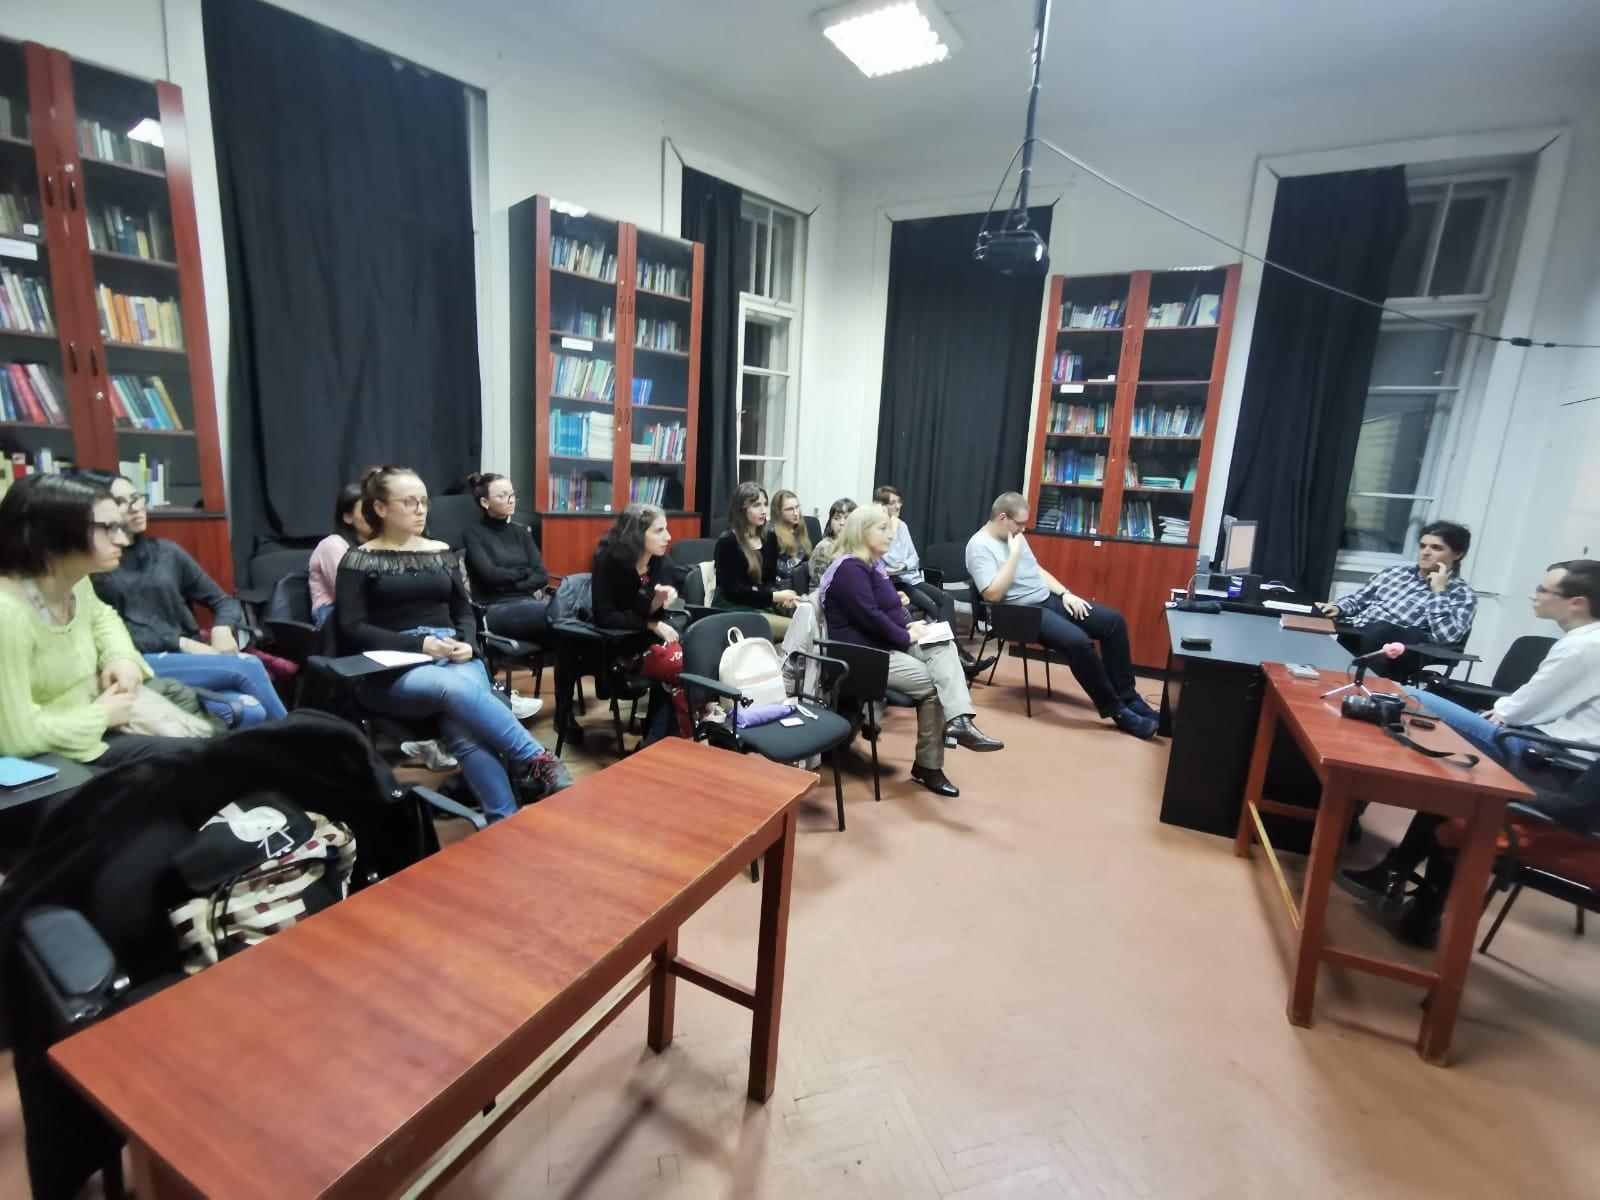 Studenți pasionați de literatură, la prima întâlnire a Cercului Literar UMFST